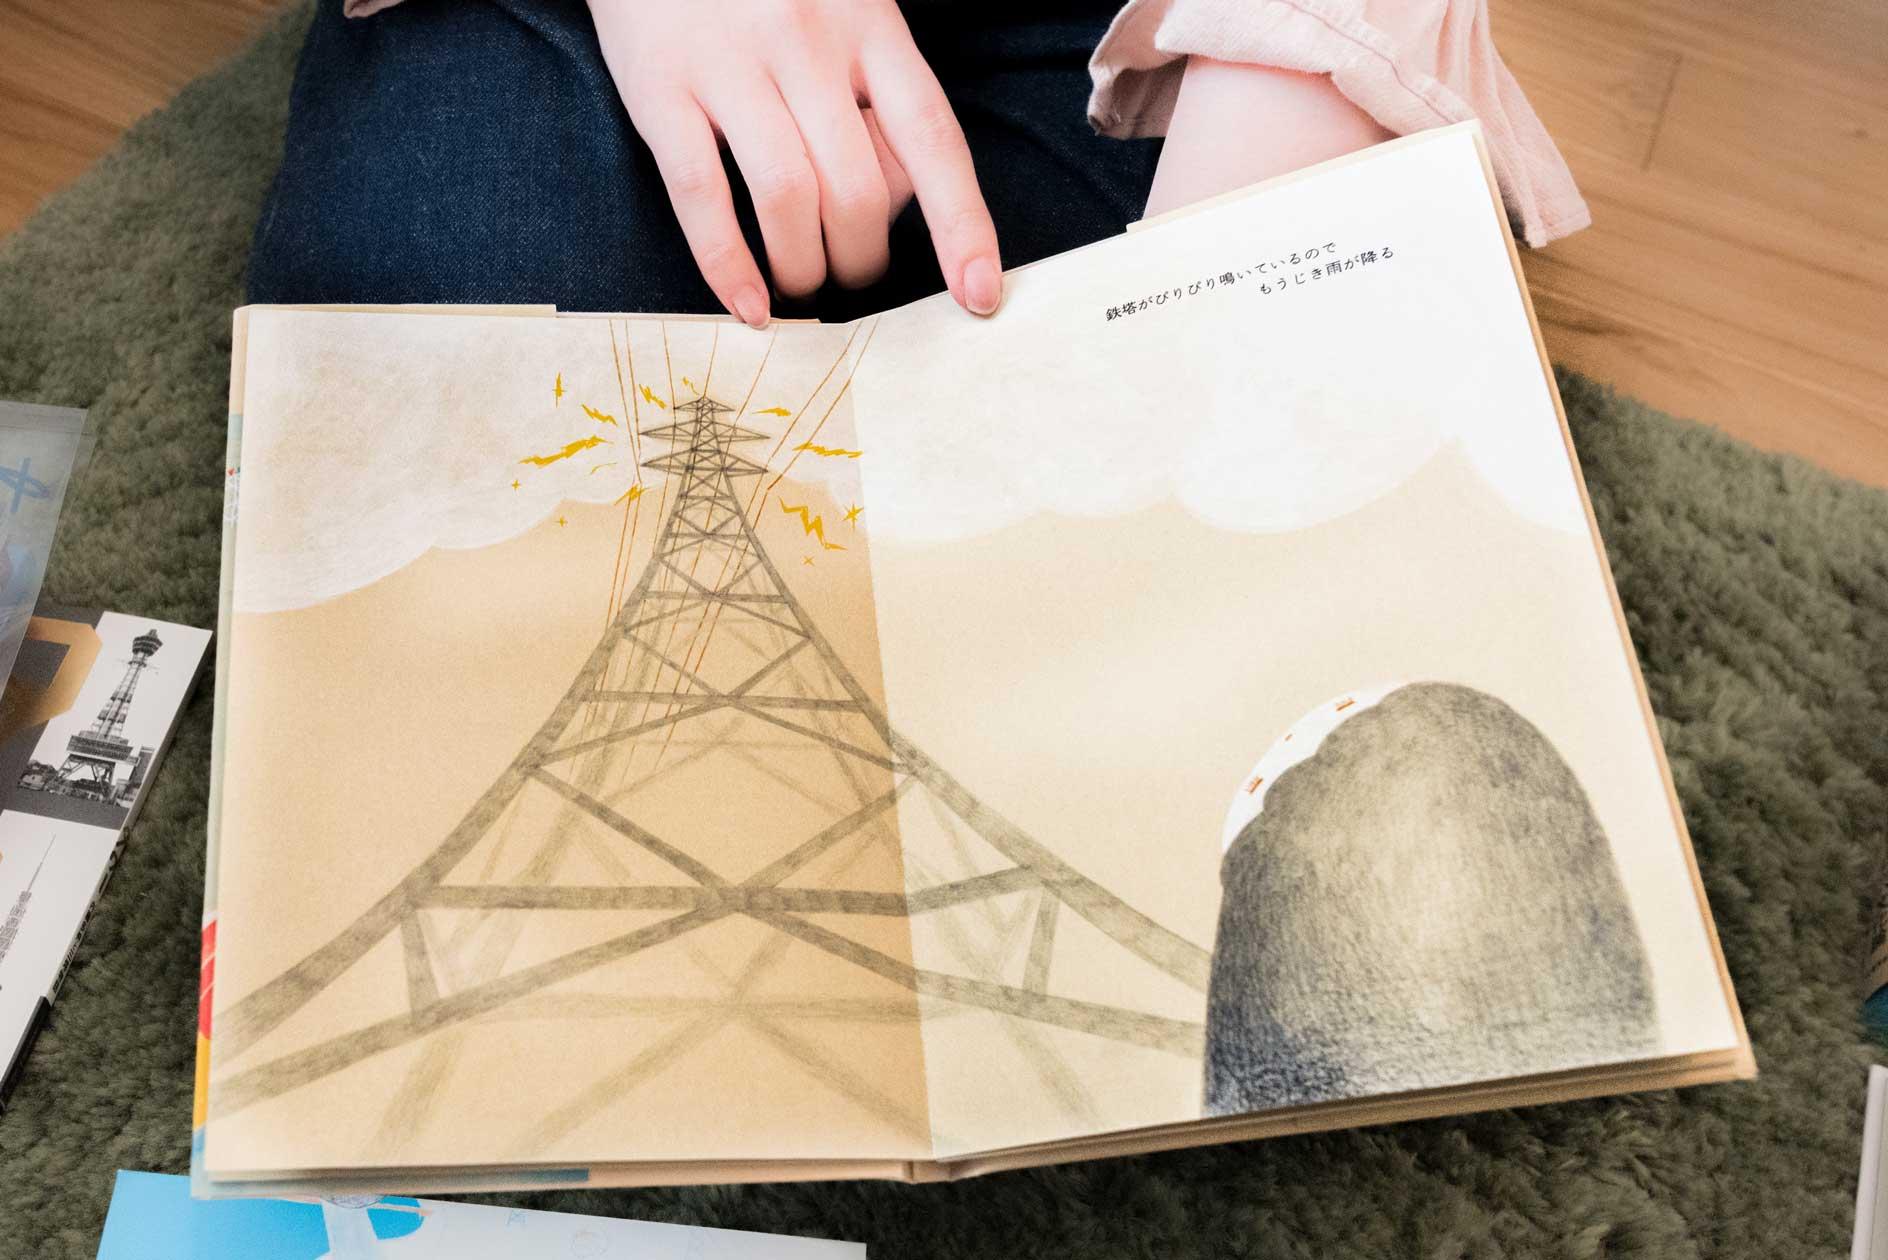 そしてこれは鉄塔の絵本。もちろん加賀谷さんが作ったもの。